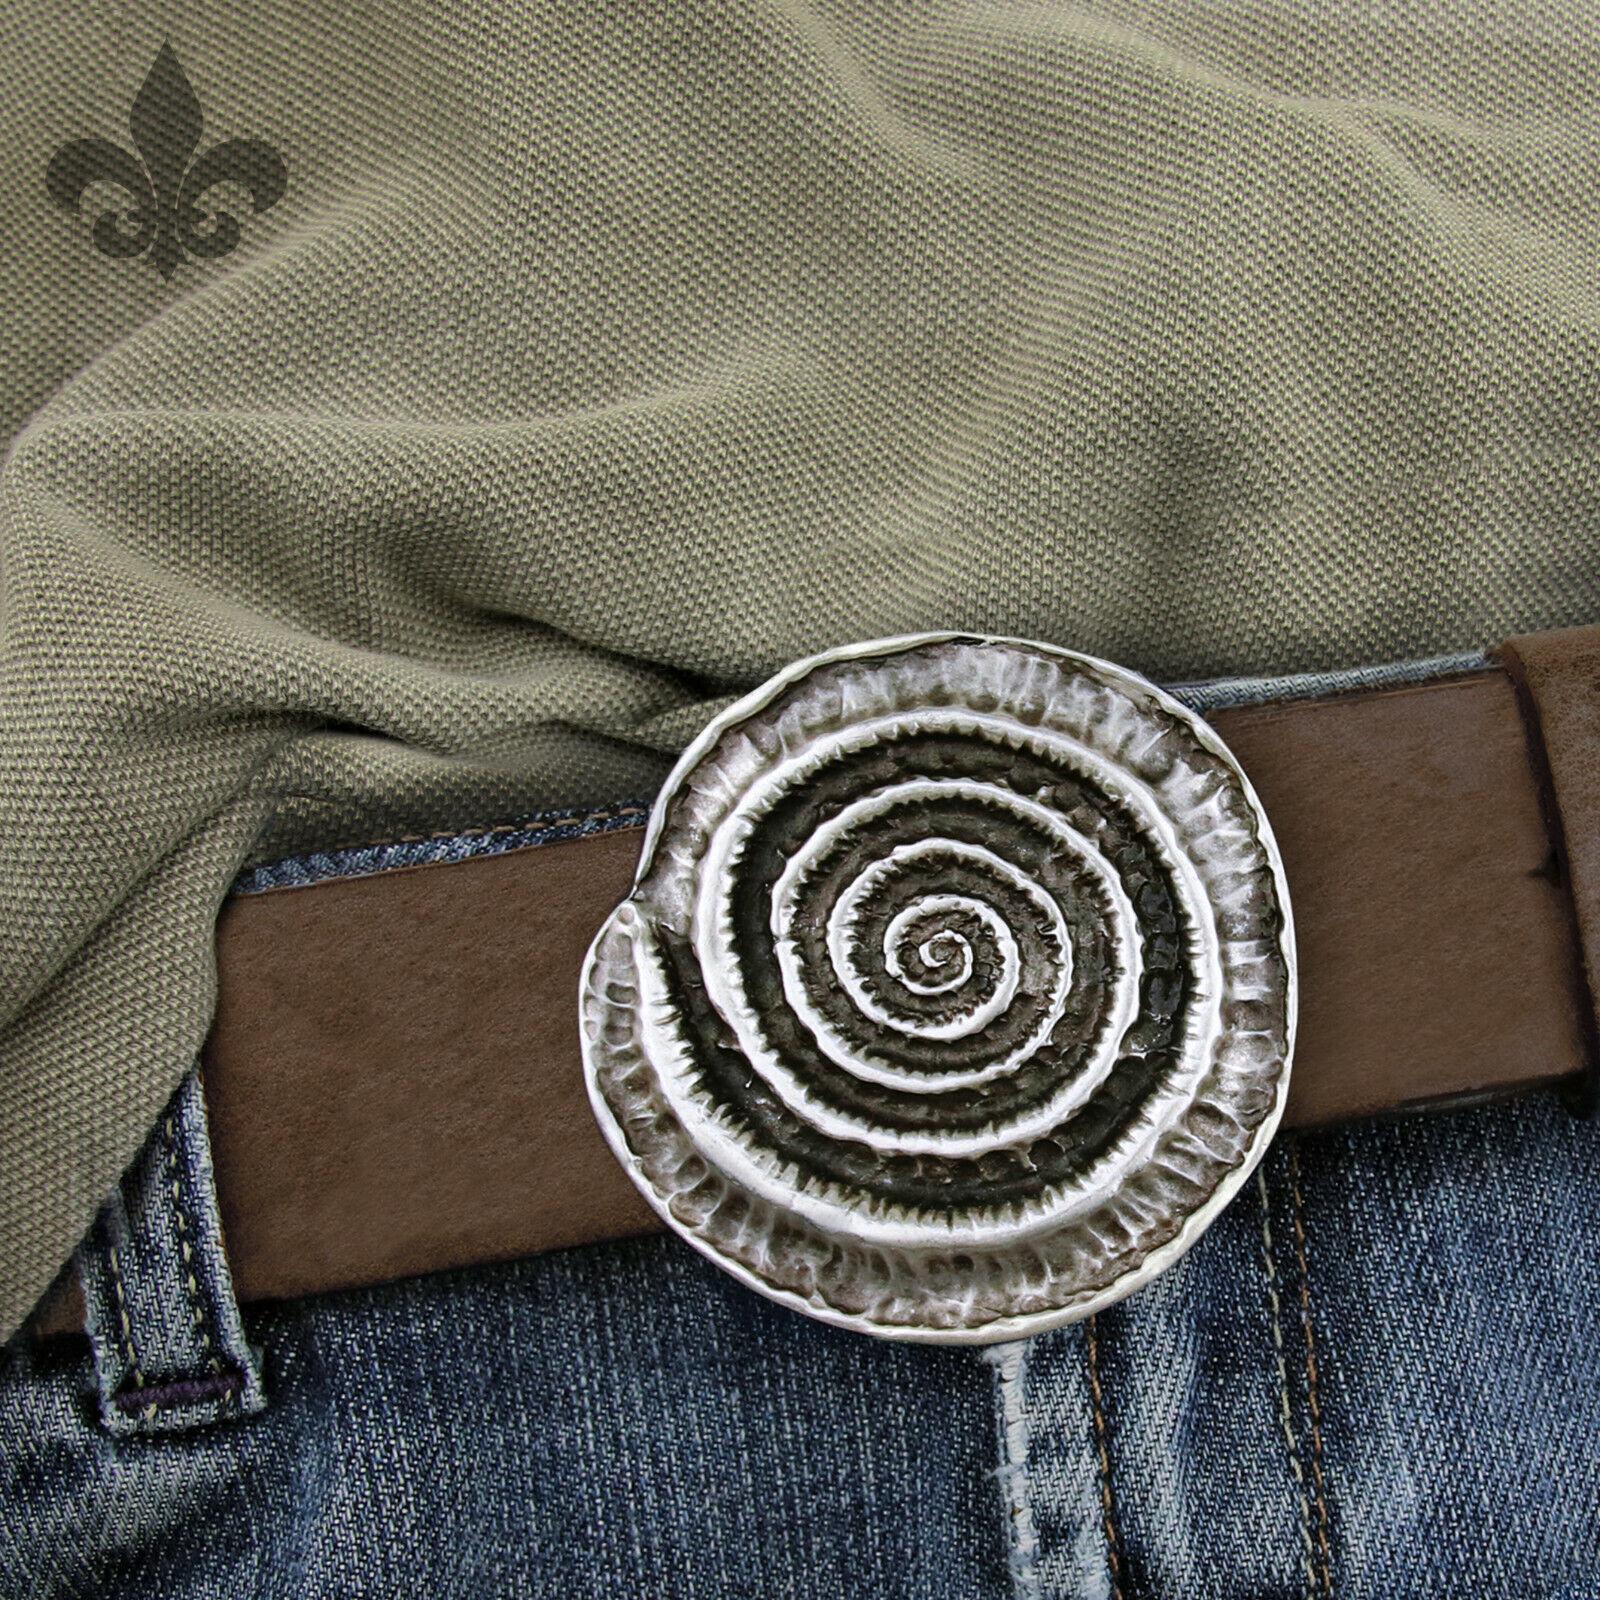 Spirale keltisch Symbol Mittelalter Gürtelschnalle Gürtelschließe Buckle 4cm NEU